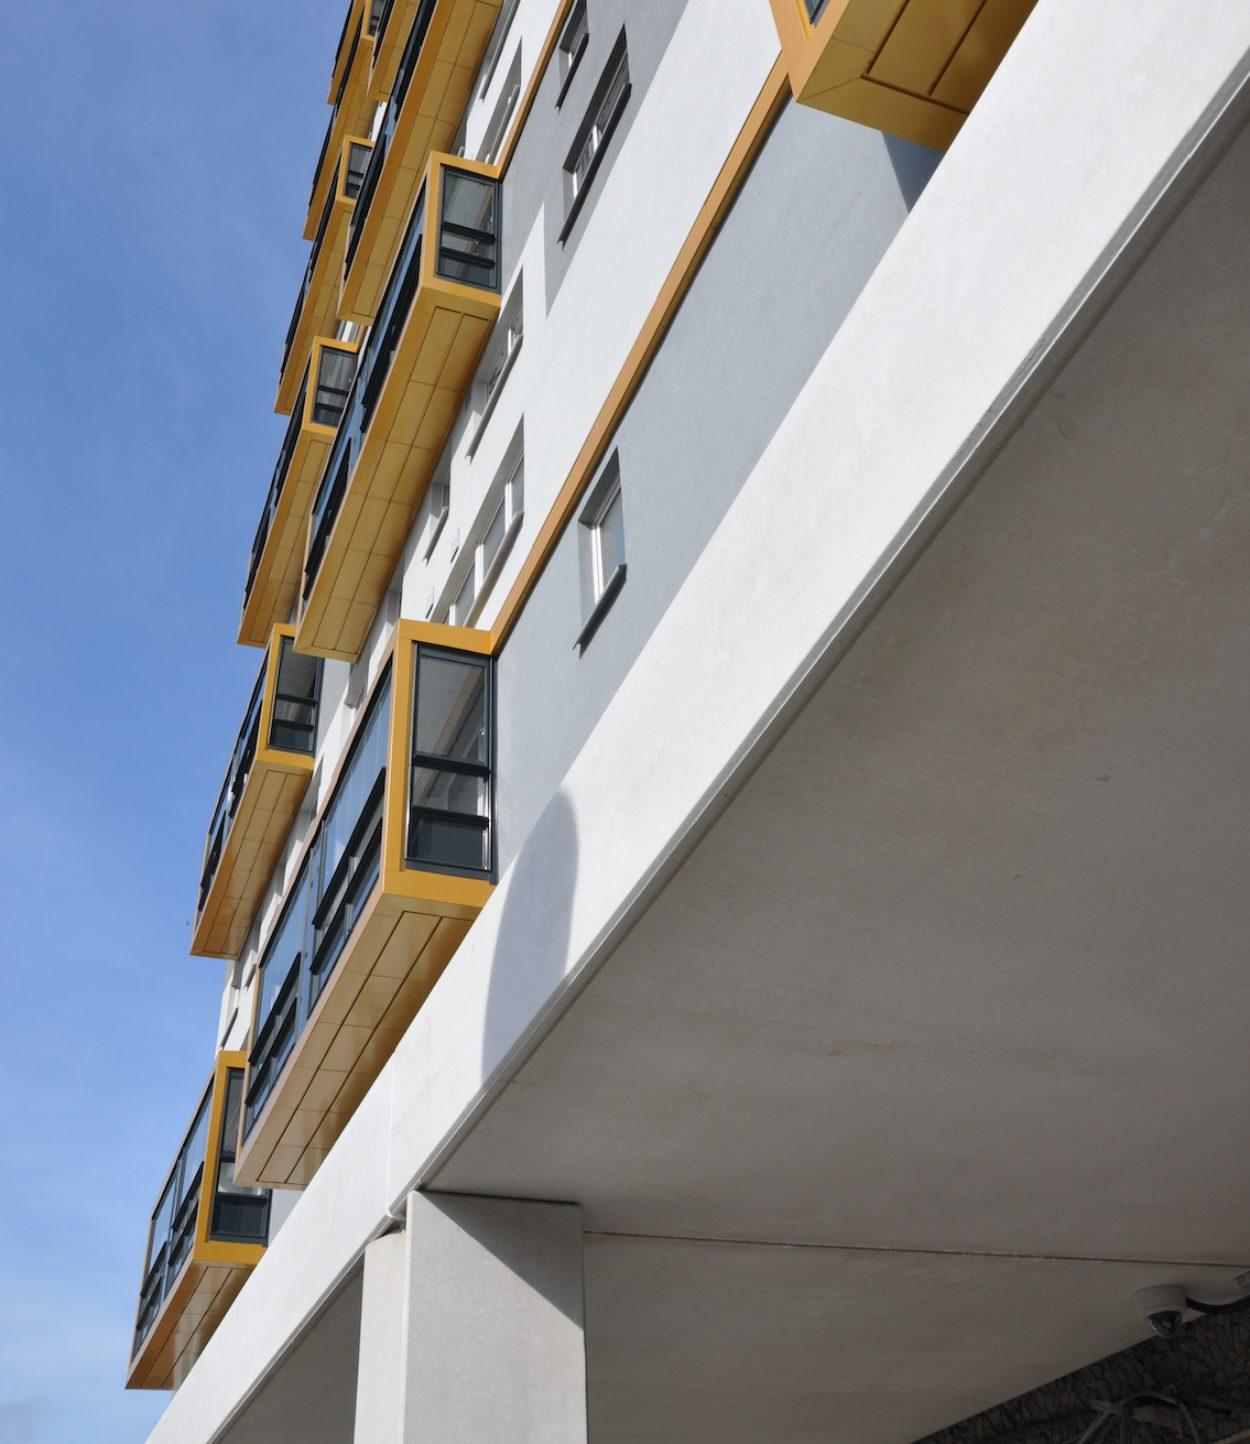 Woodside Multi Storey Flats